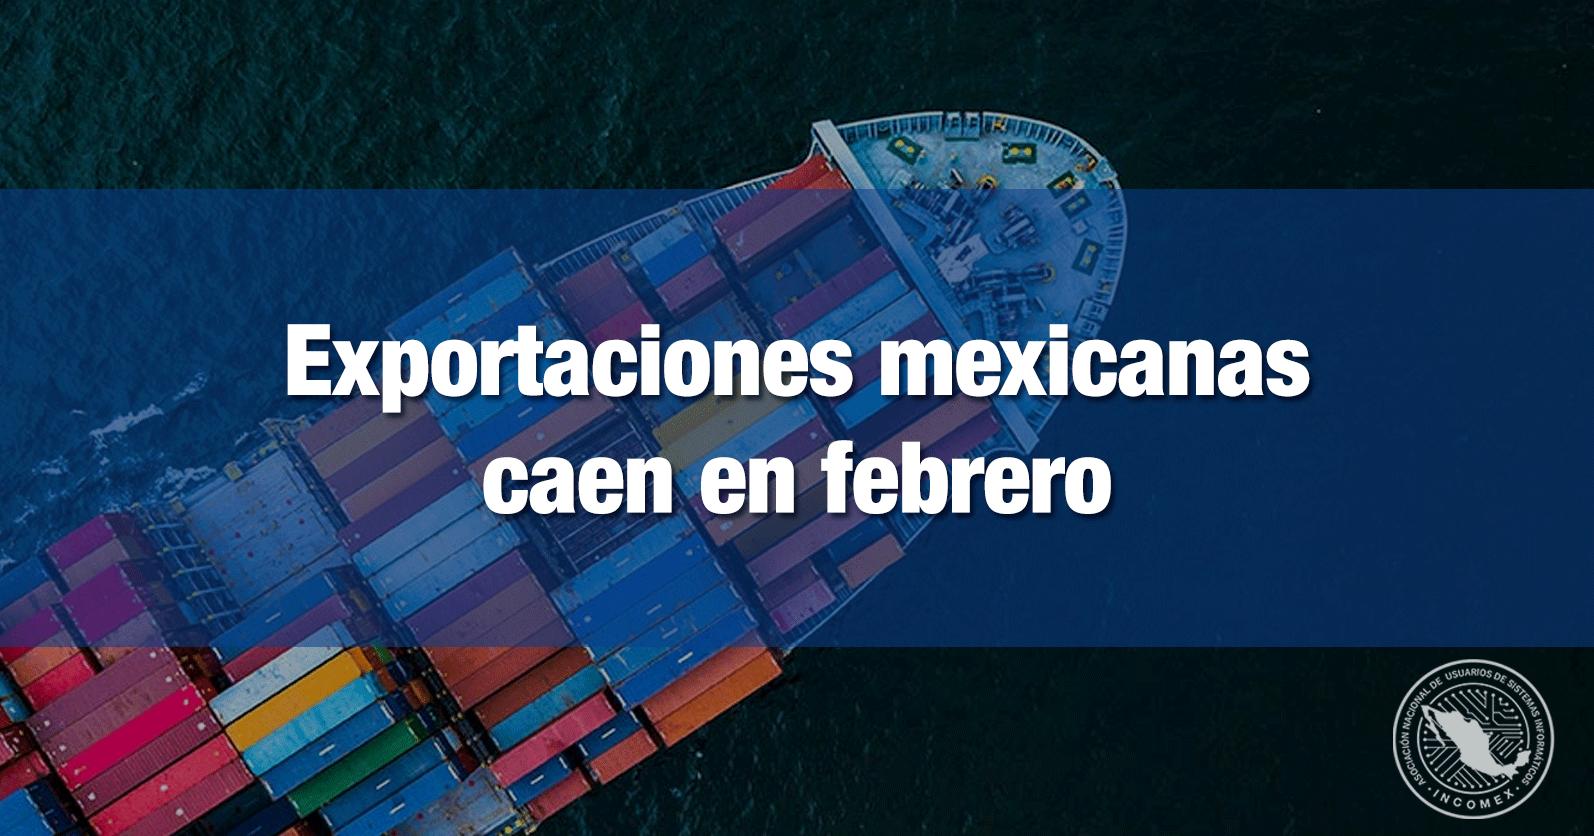 Exportaciones mexicanas caen en febrero